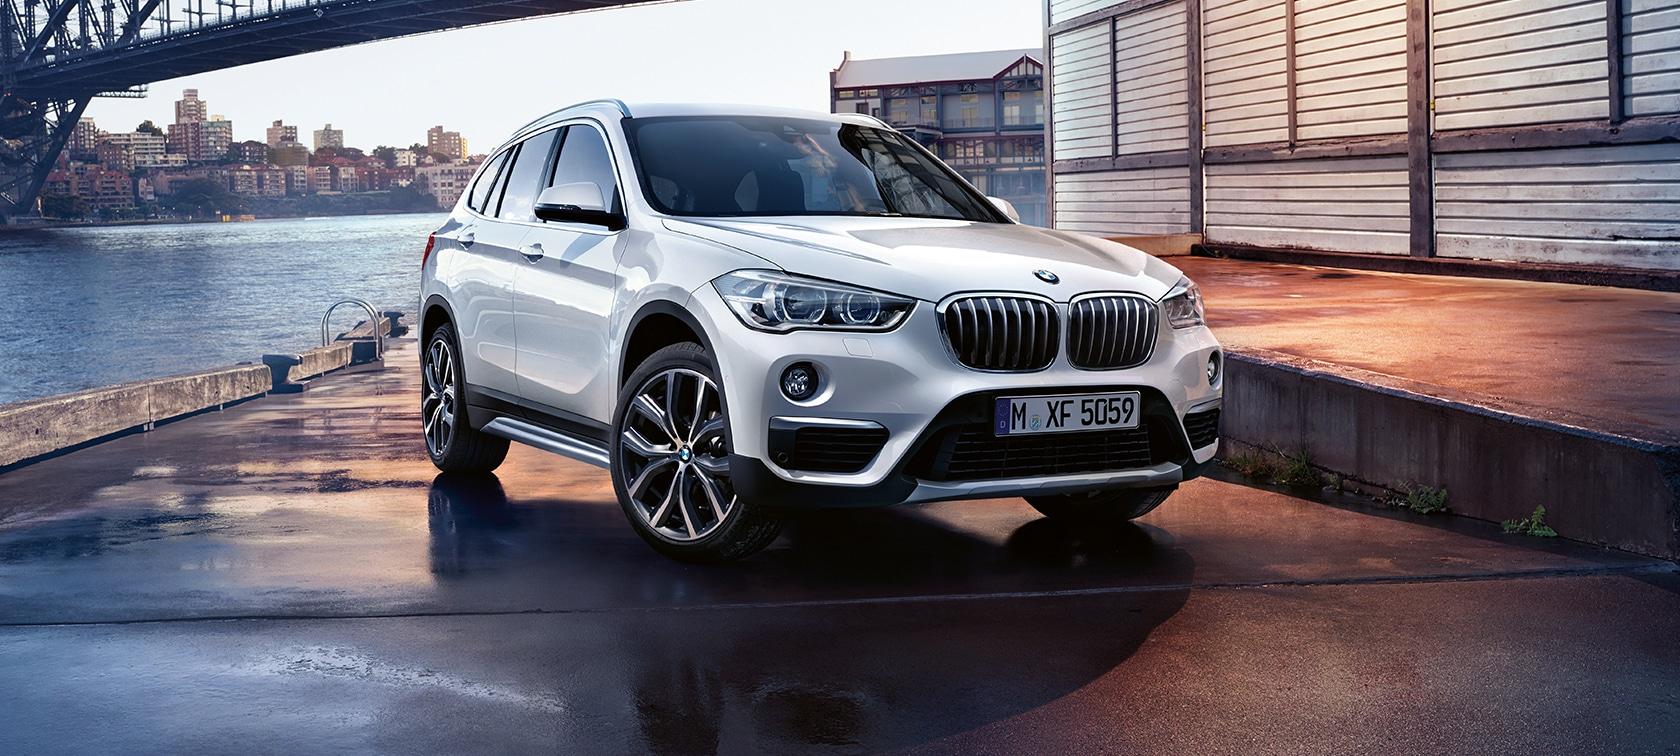 El BMW X1 es el modelo premium más vendido en renting de empresas en los dos primeros meses del año en España, con 379 unidades y un crecimiento del 36,3%. / FOTOGRAFÍA: BMW